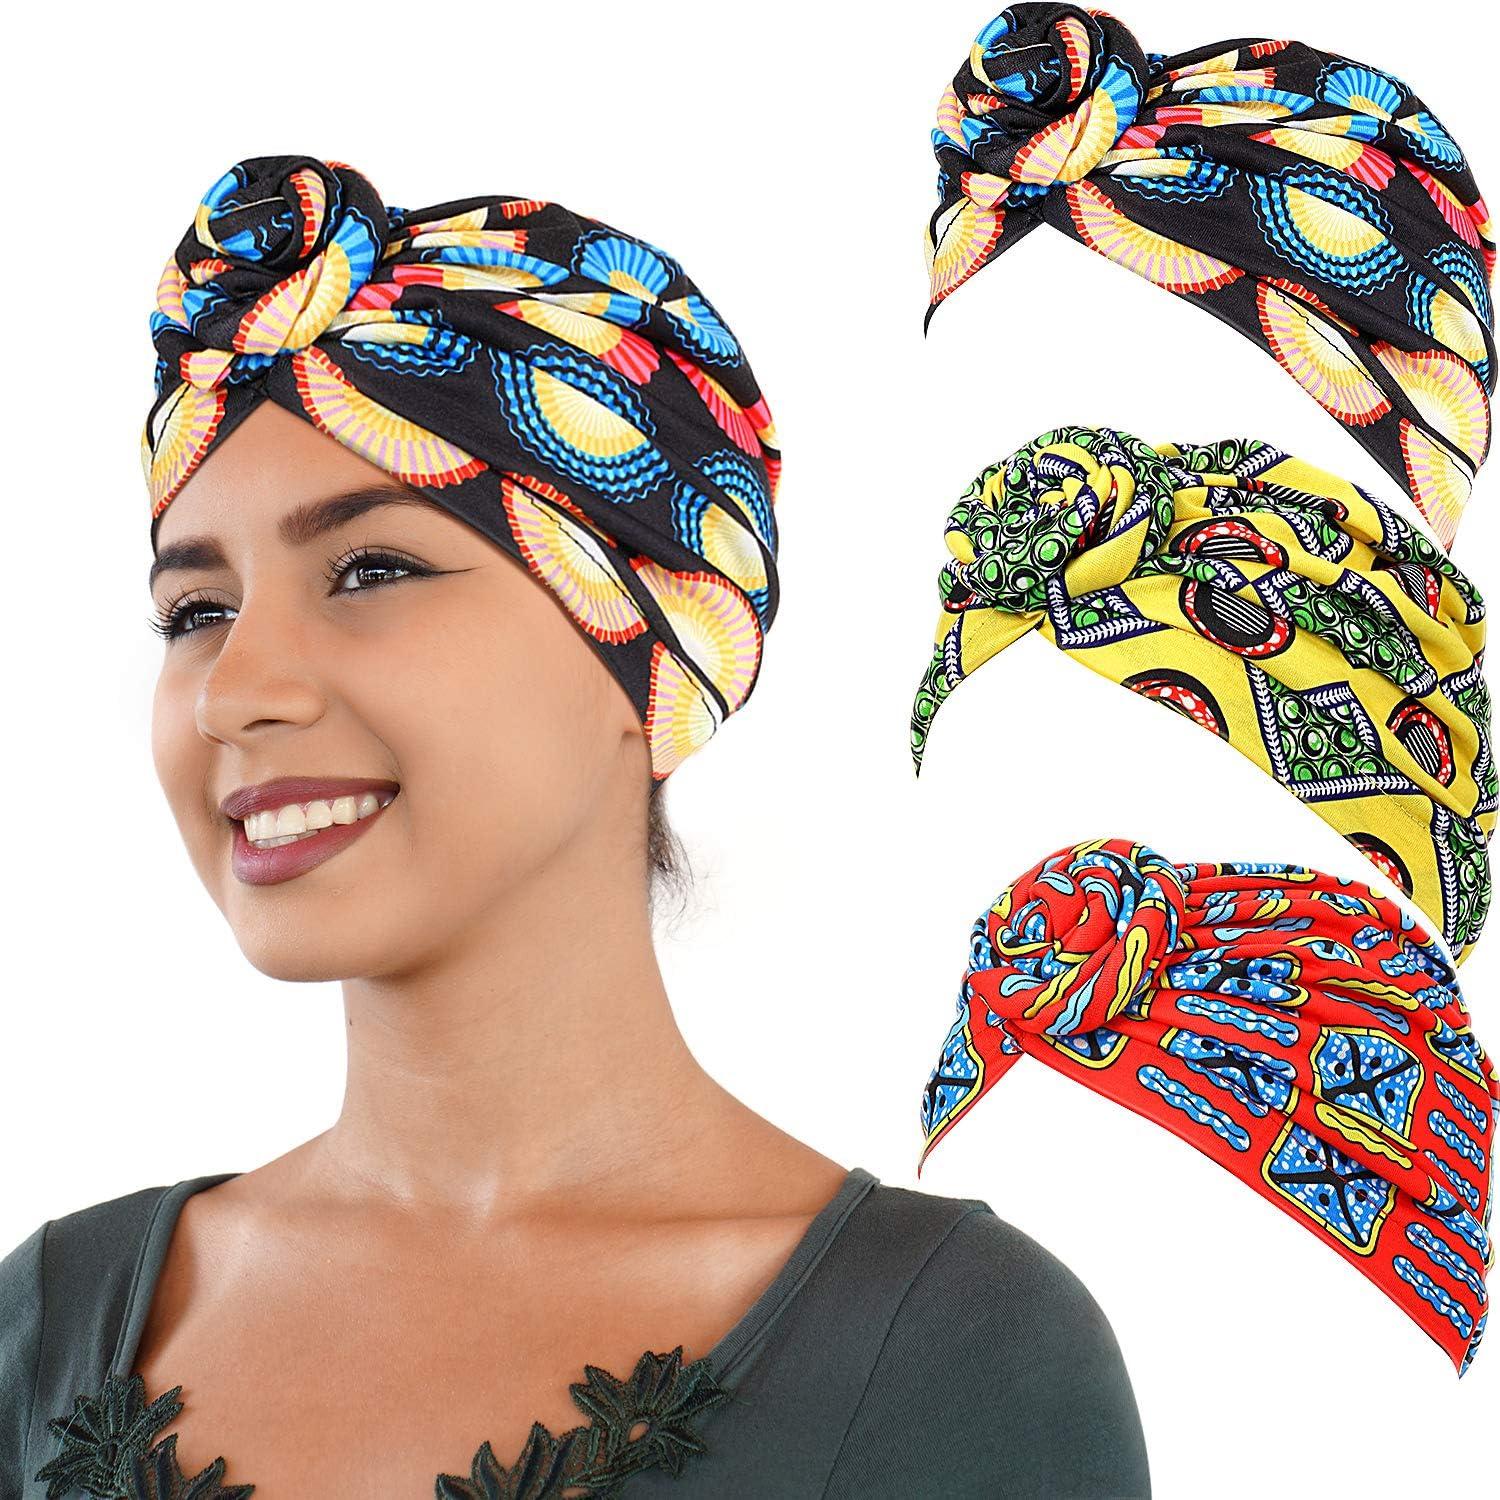 SATINIOR 3 Pezzi Africana Turbante Sciarpa Avvolge Testa Boho Turbante Elastico Annodato Berretto Cappello